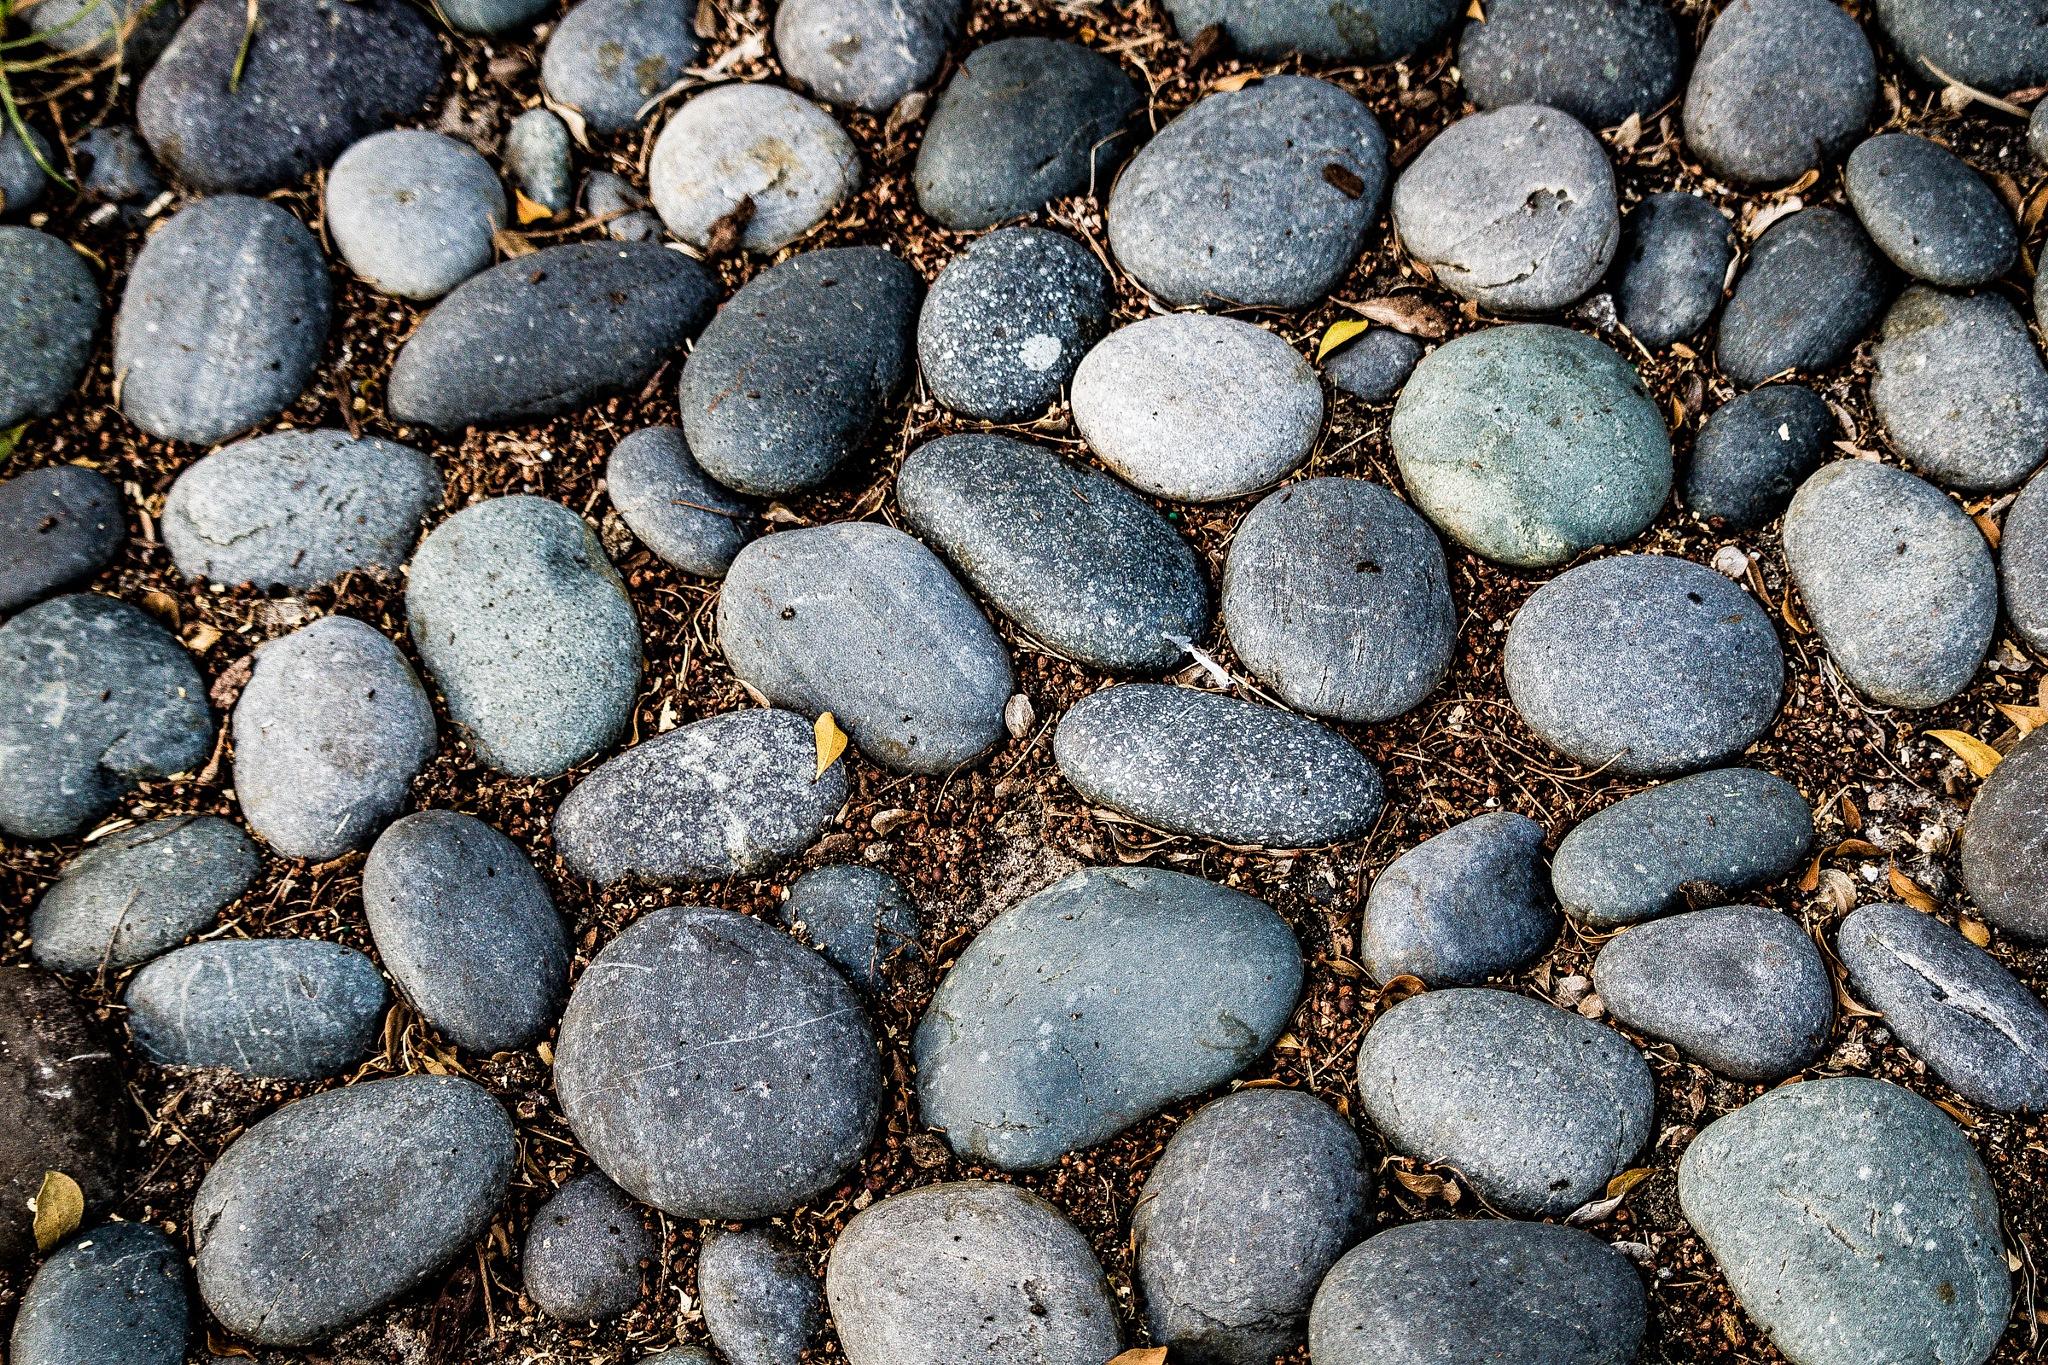 Sea stones by Yaroslav Sobko